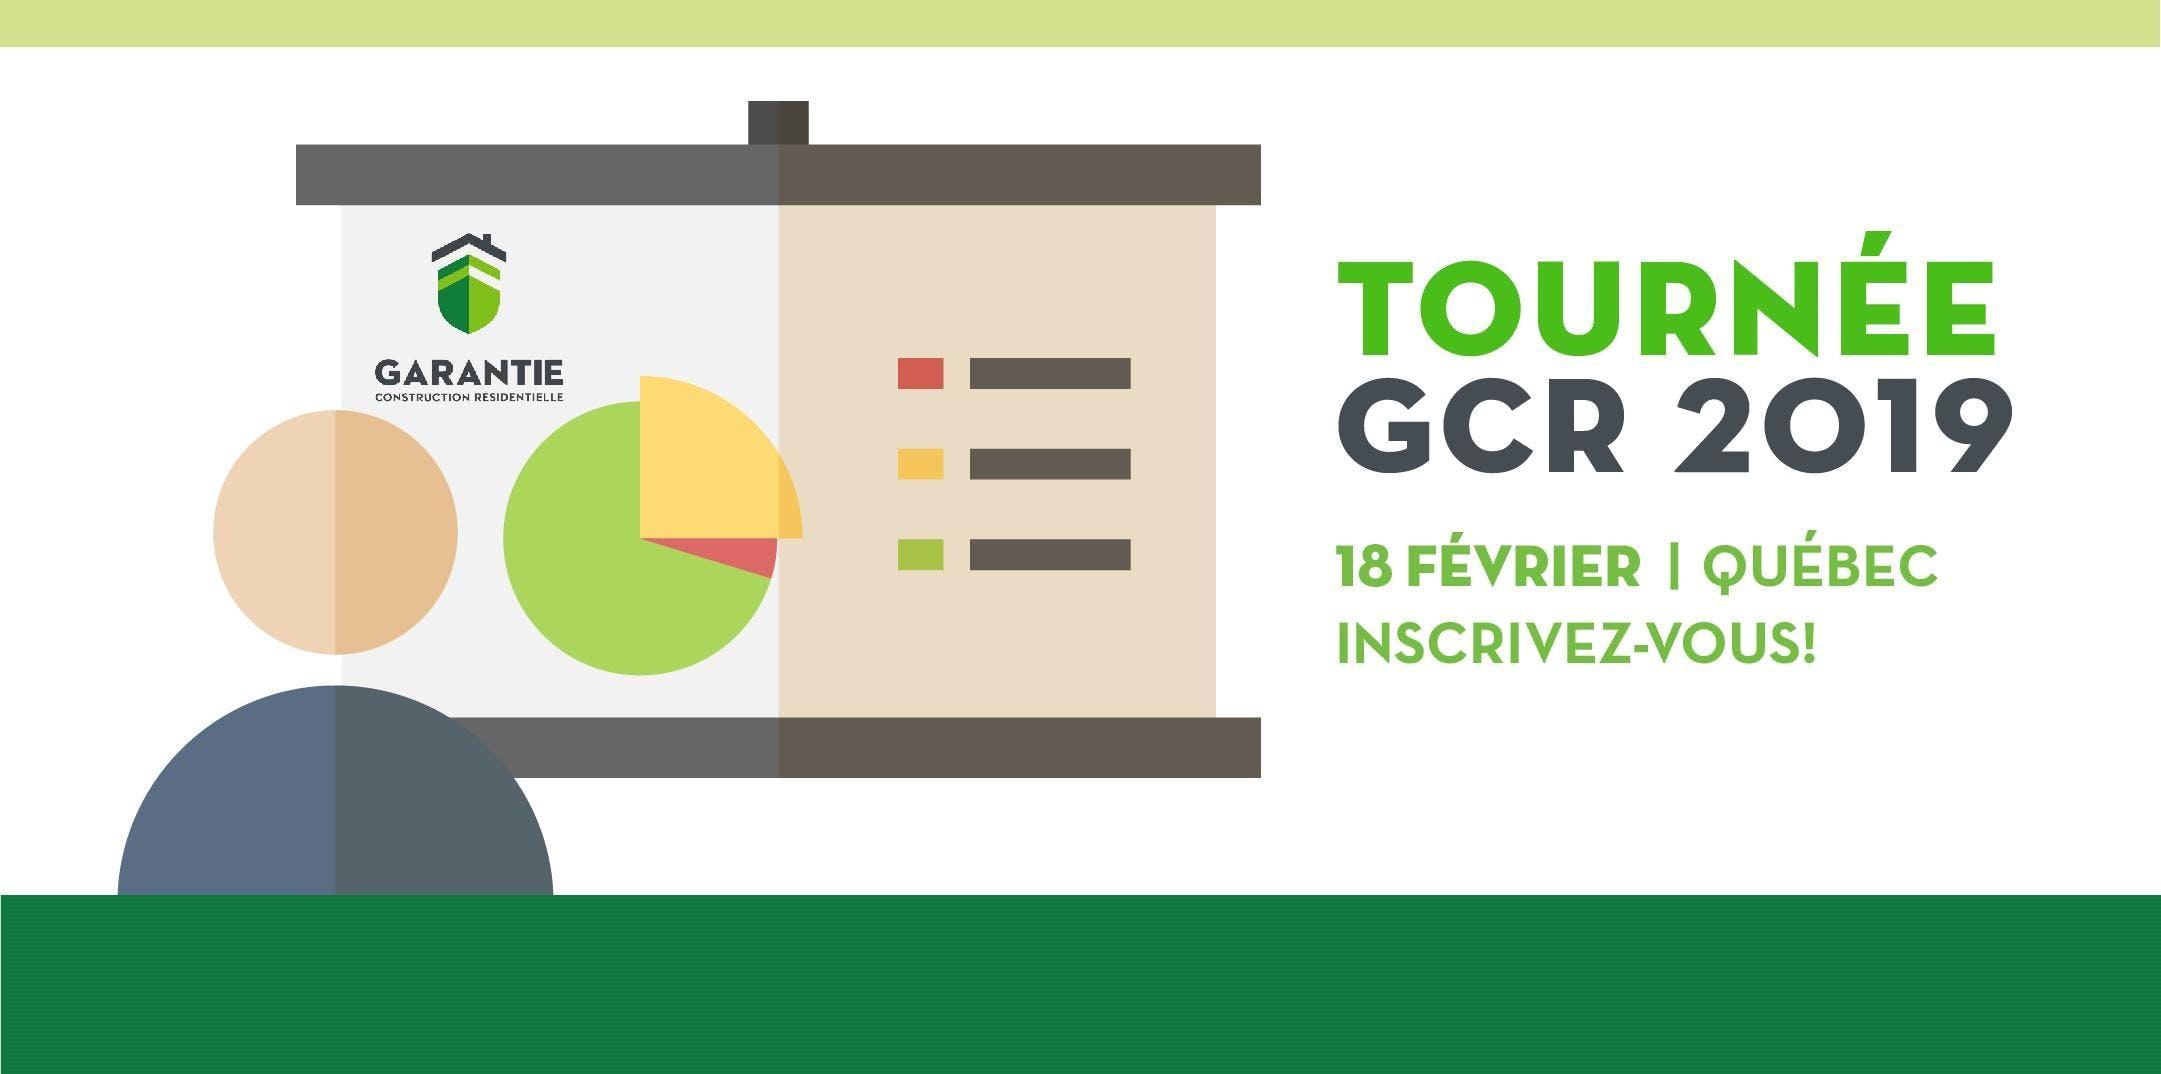 Tournée GCR 2019 – Québec